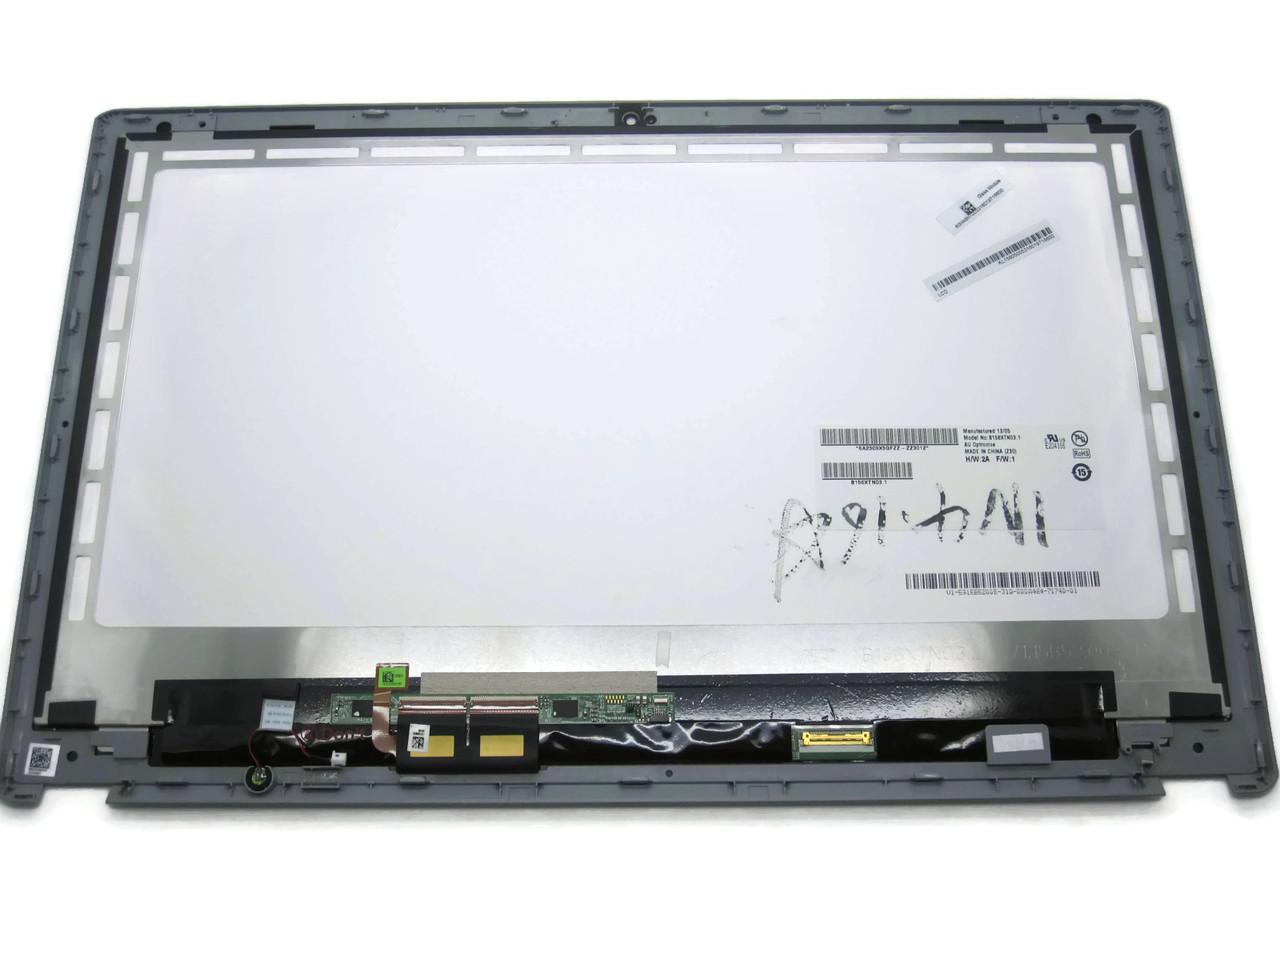 Acer Aspire V5-552 Broadcom WLAN Driver Windows